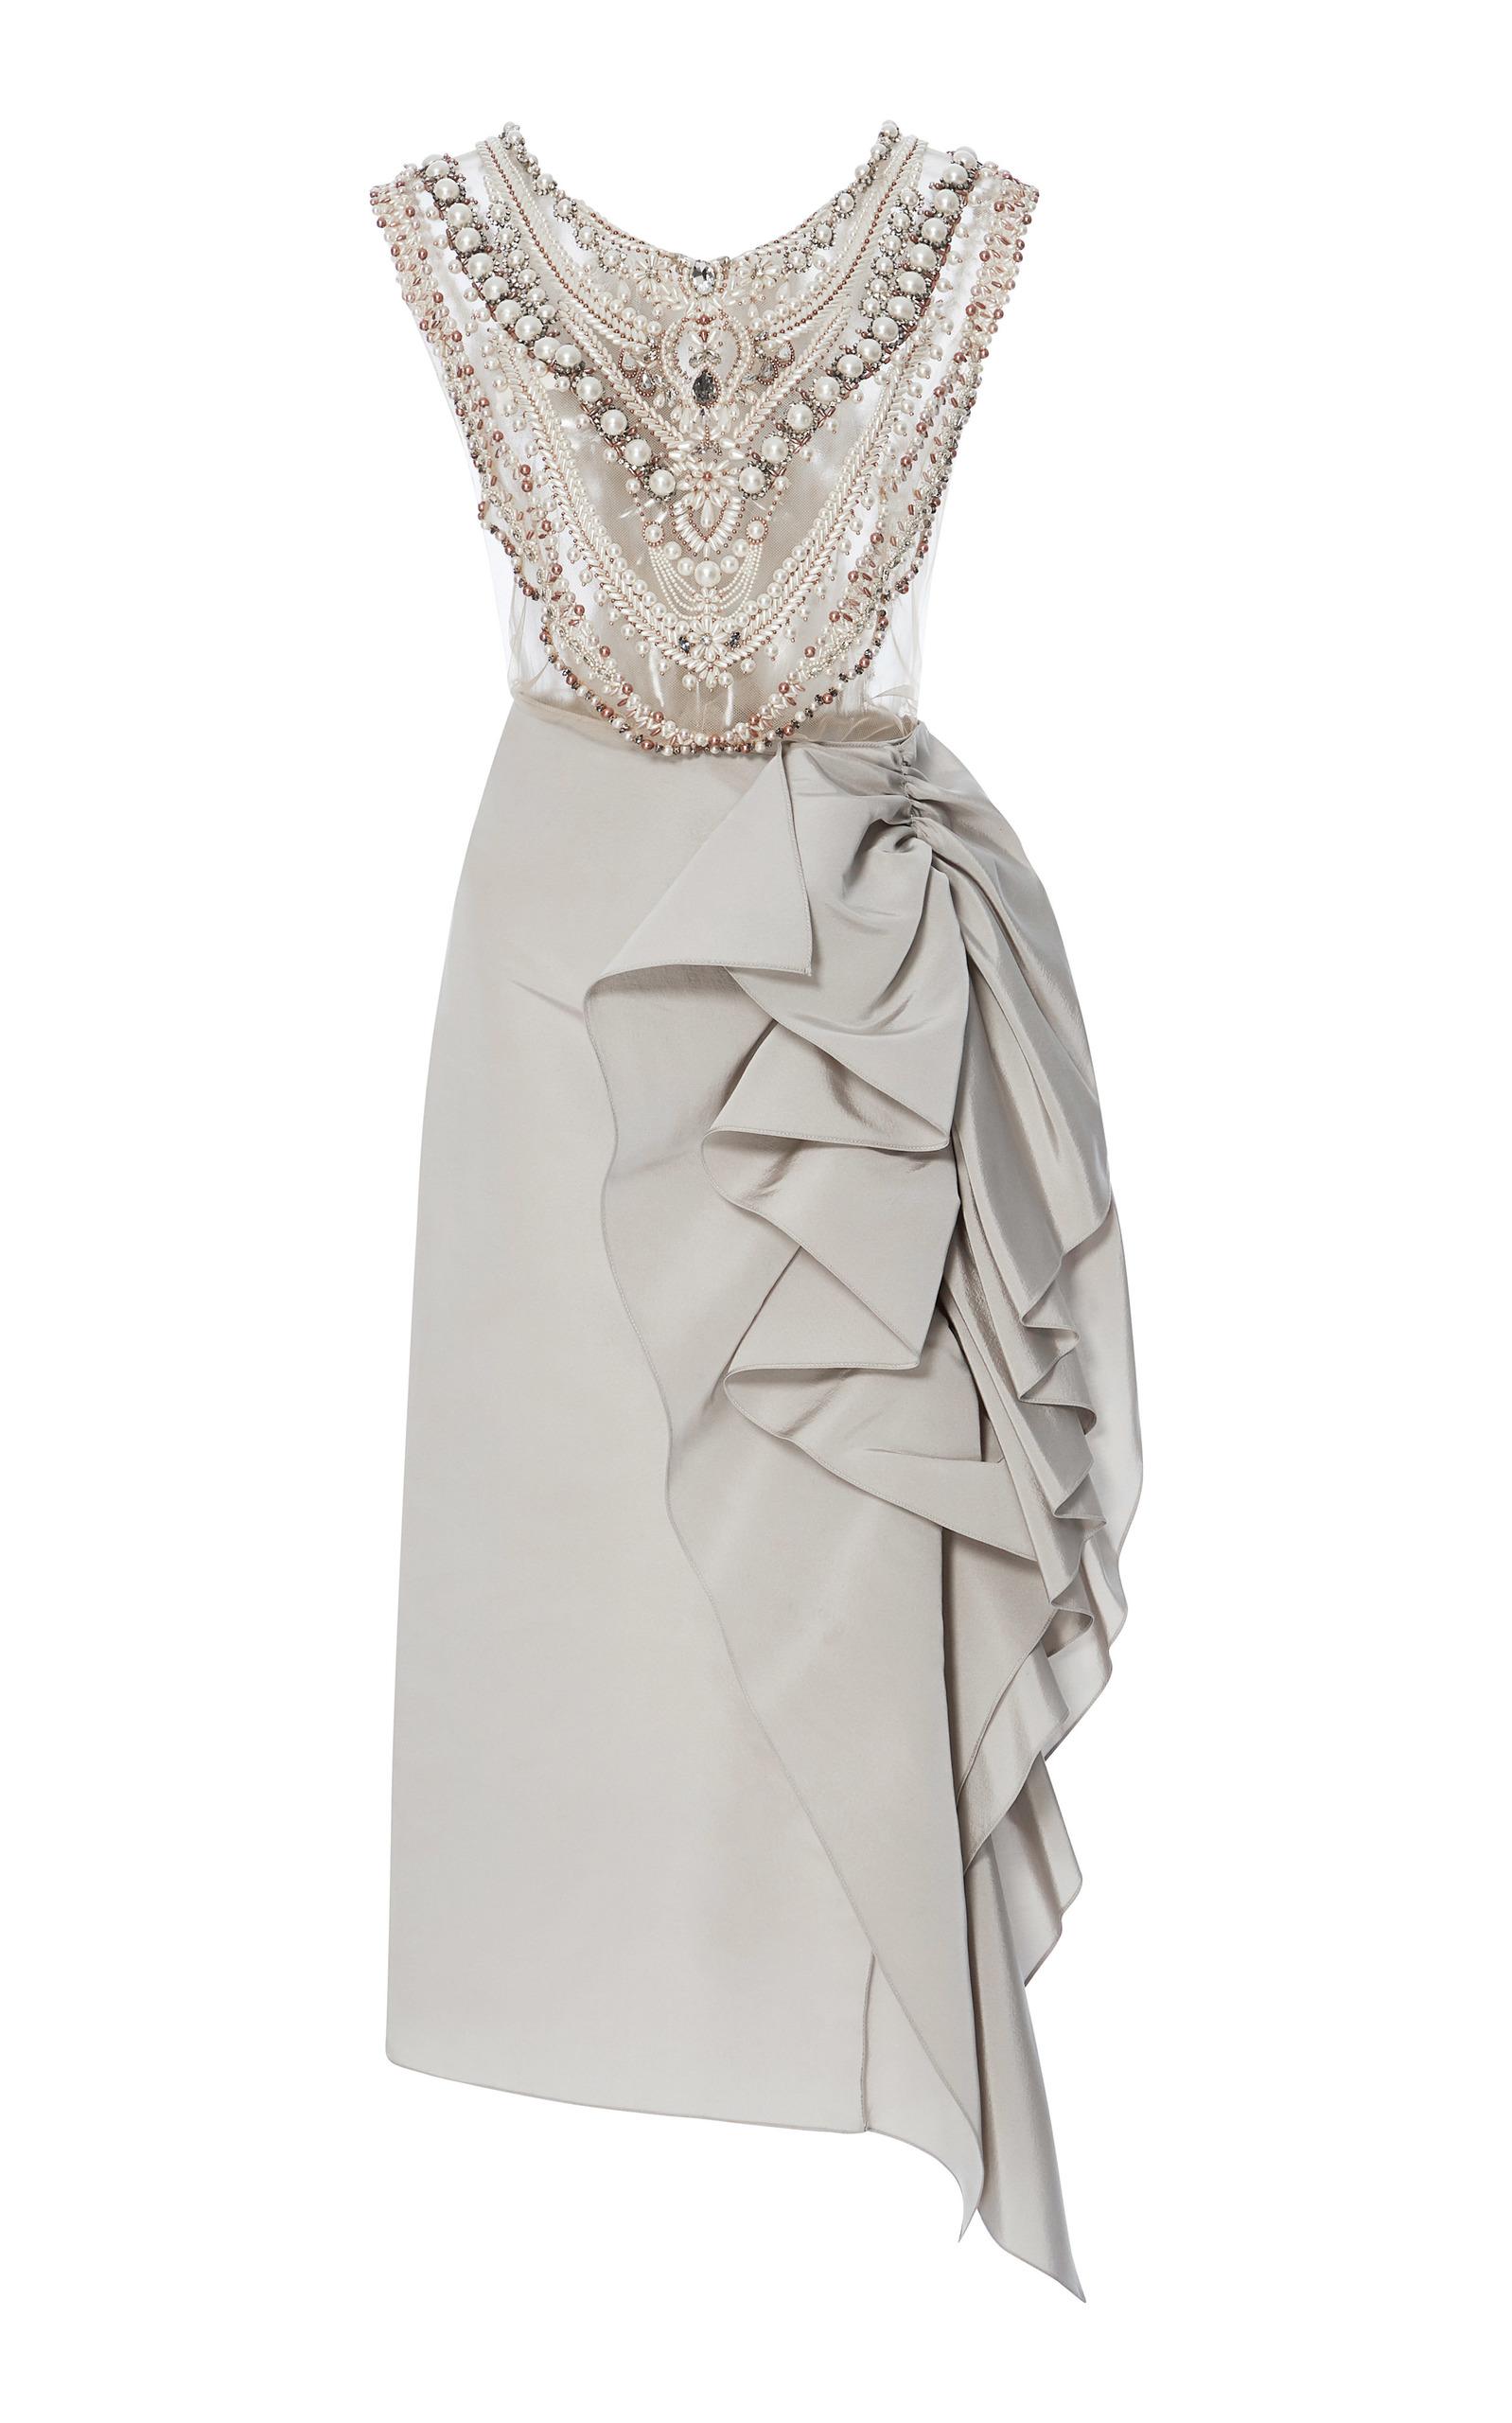 79c2e51727e Pearl Necklace Cocktail Dress by Marchesa | Moda Operandi